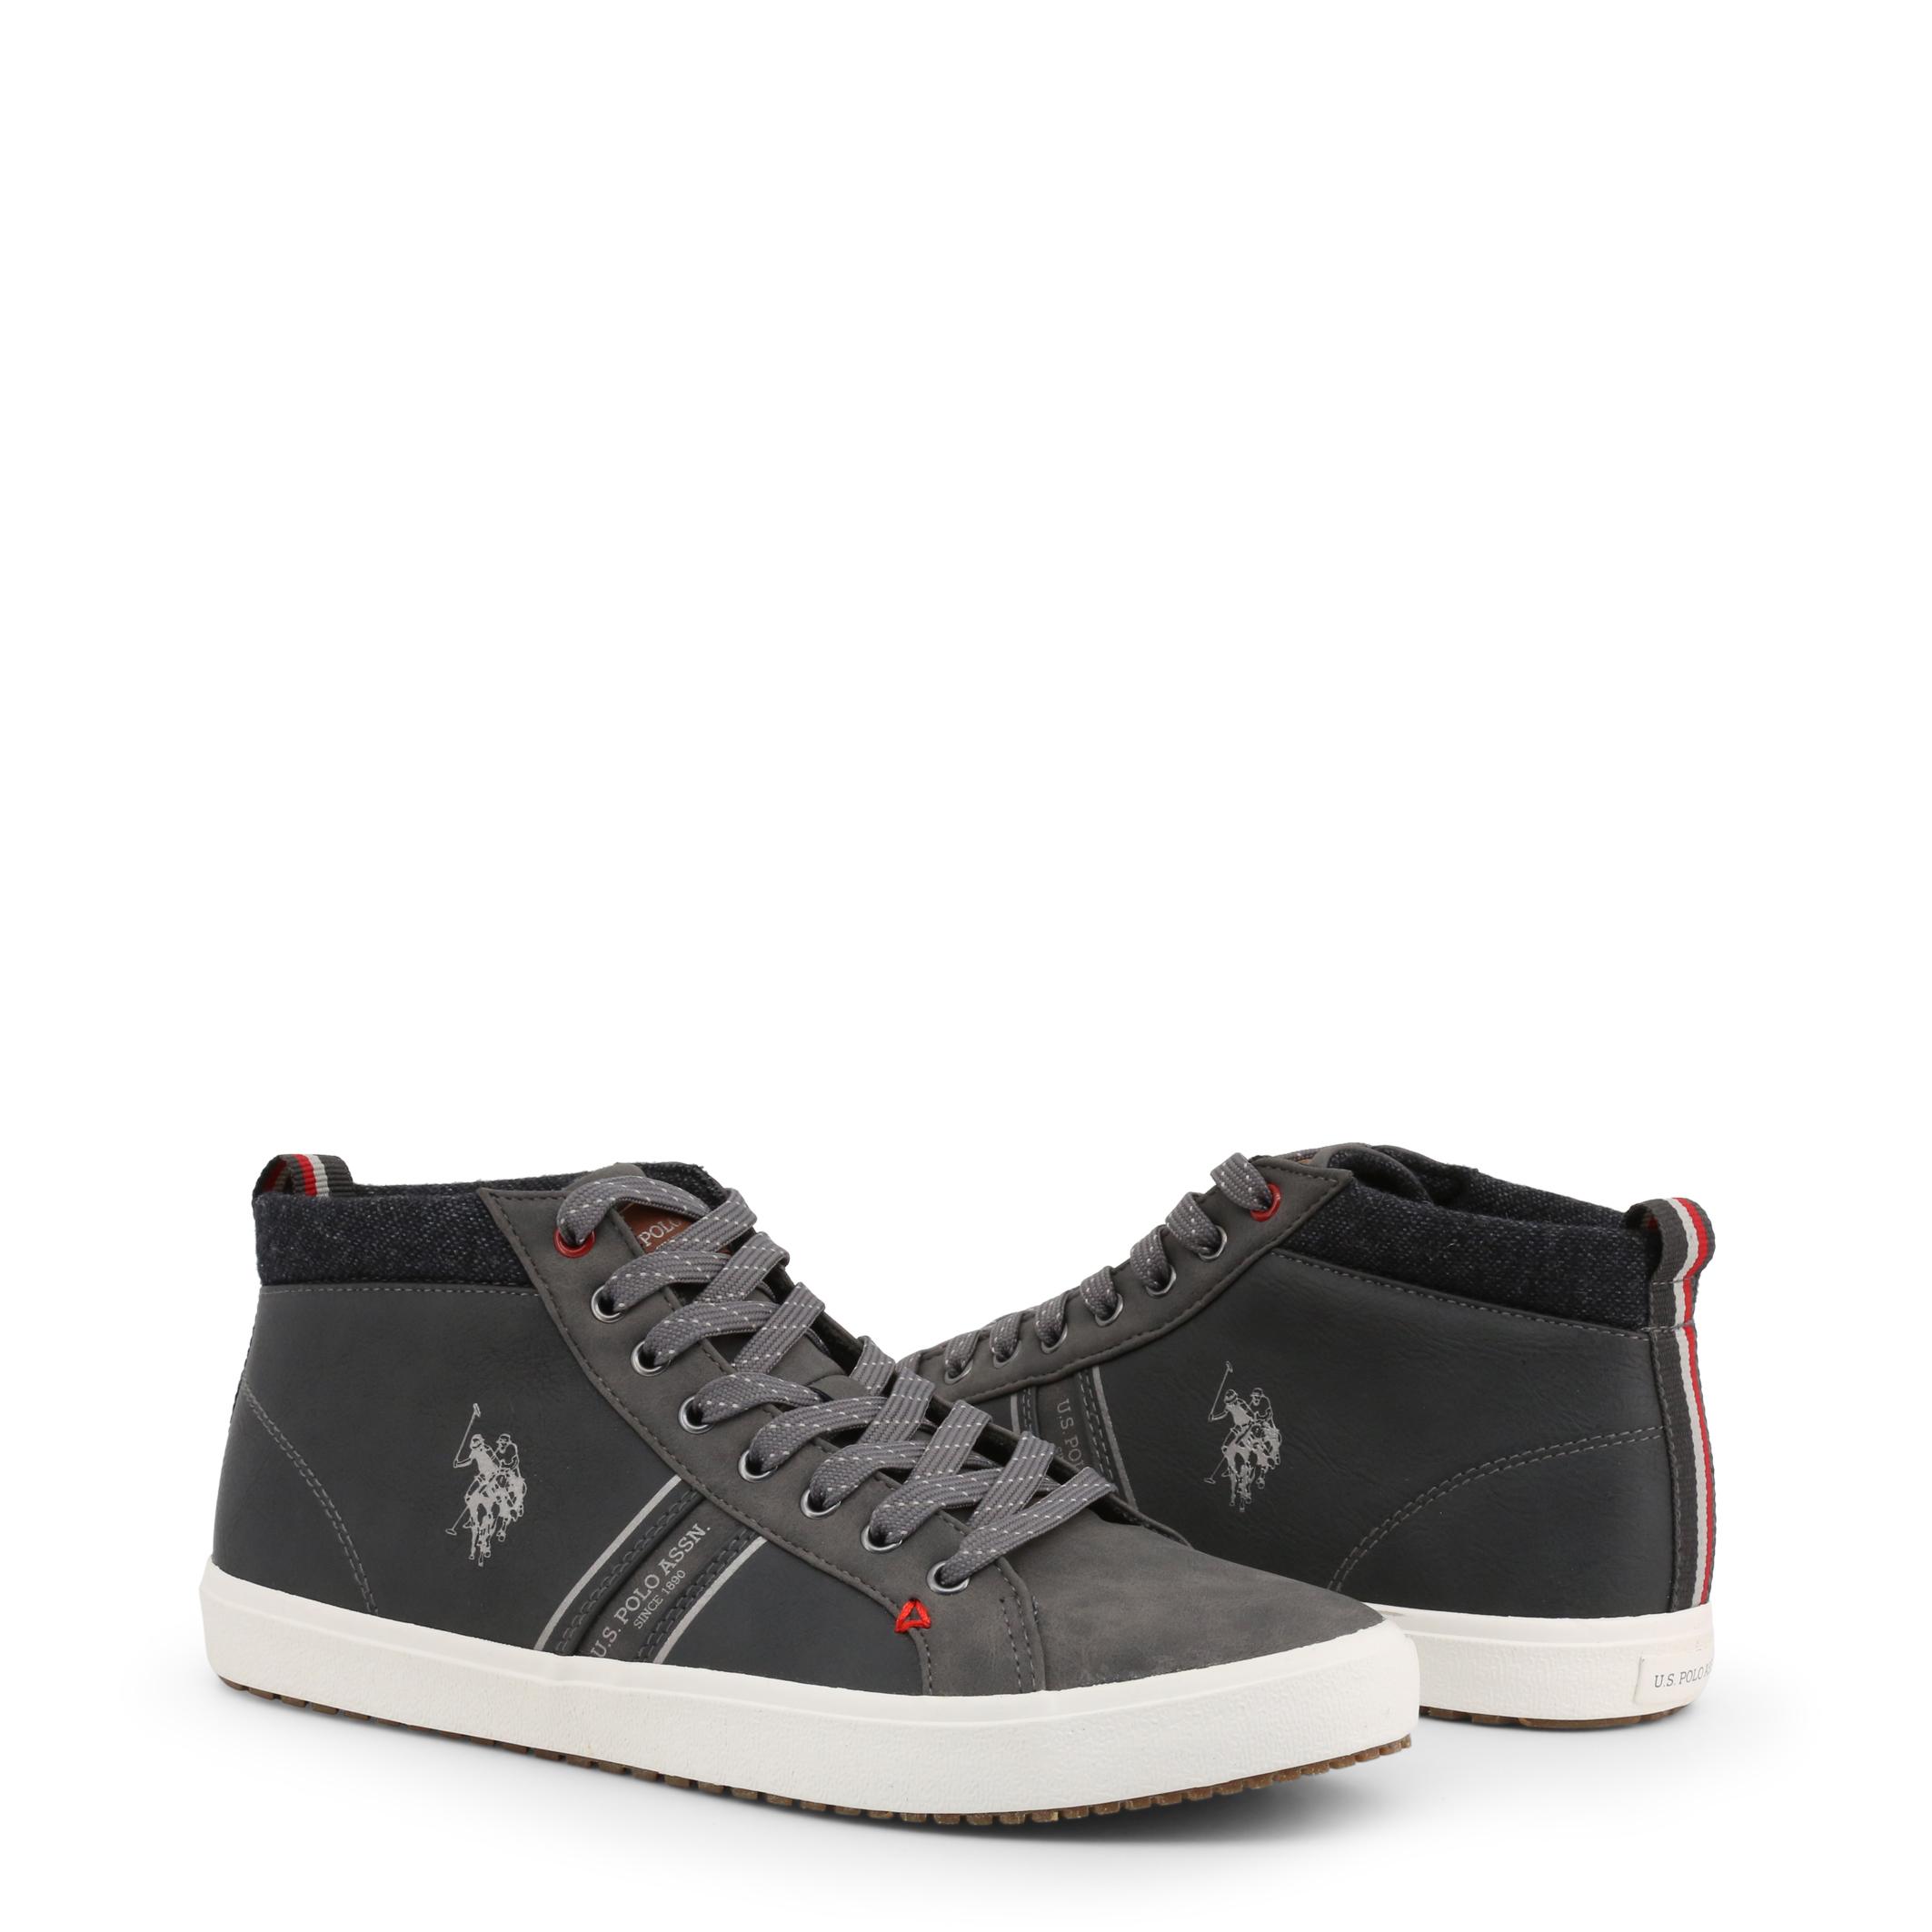 Chaussures de ville  U.S. Polo Assn. WOUCK7147W9_Y1_ASH grey